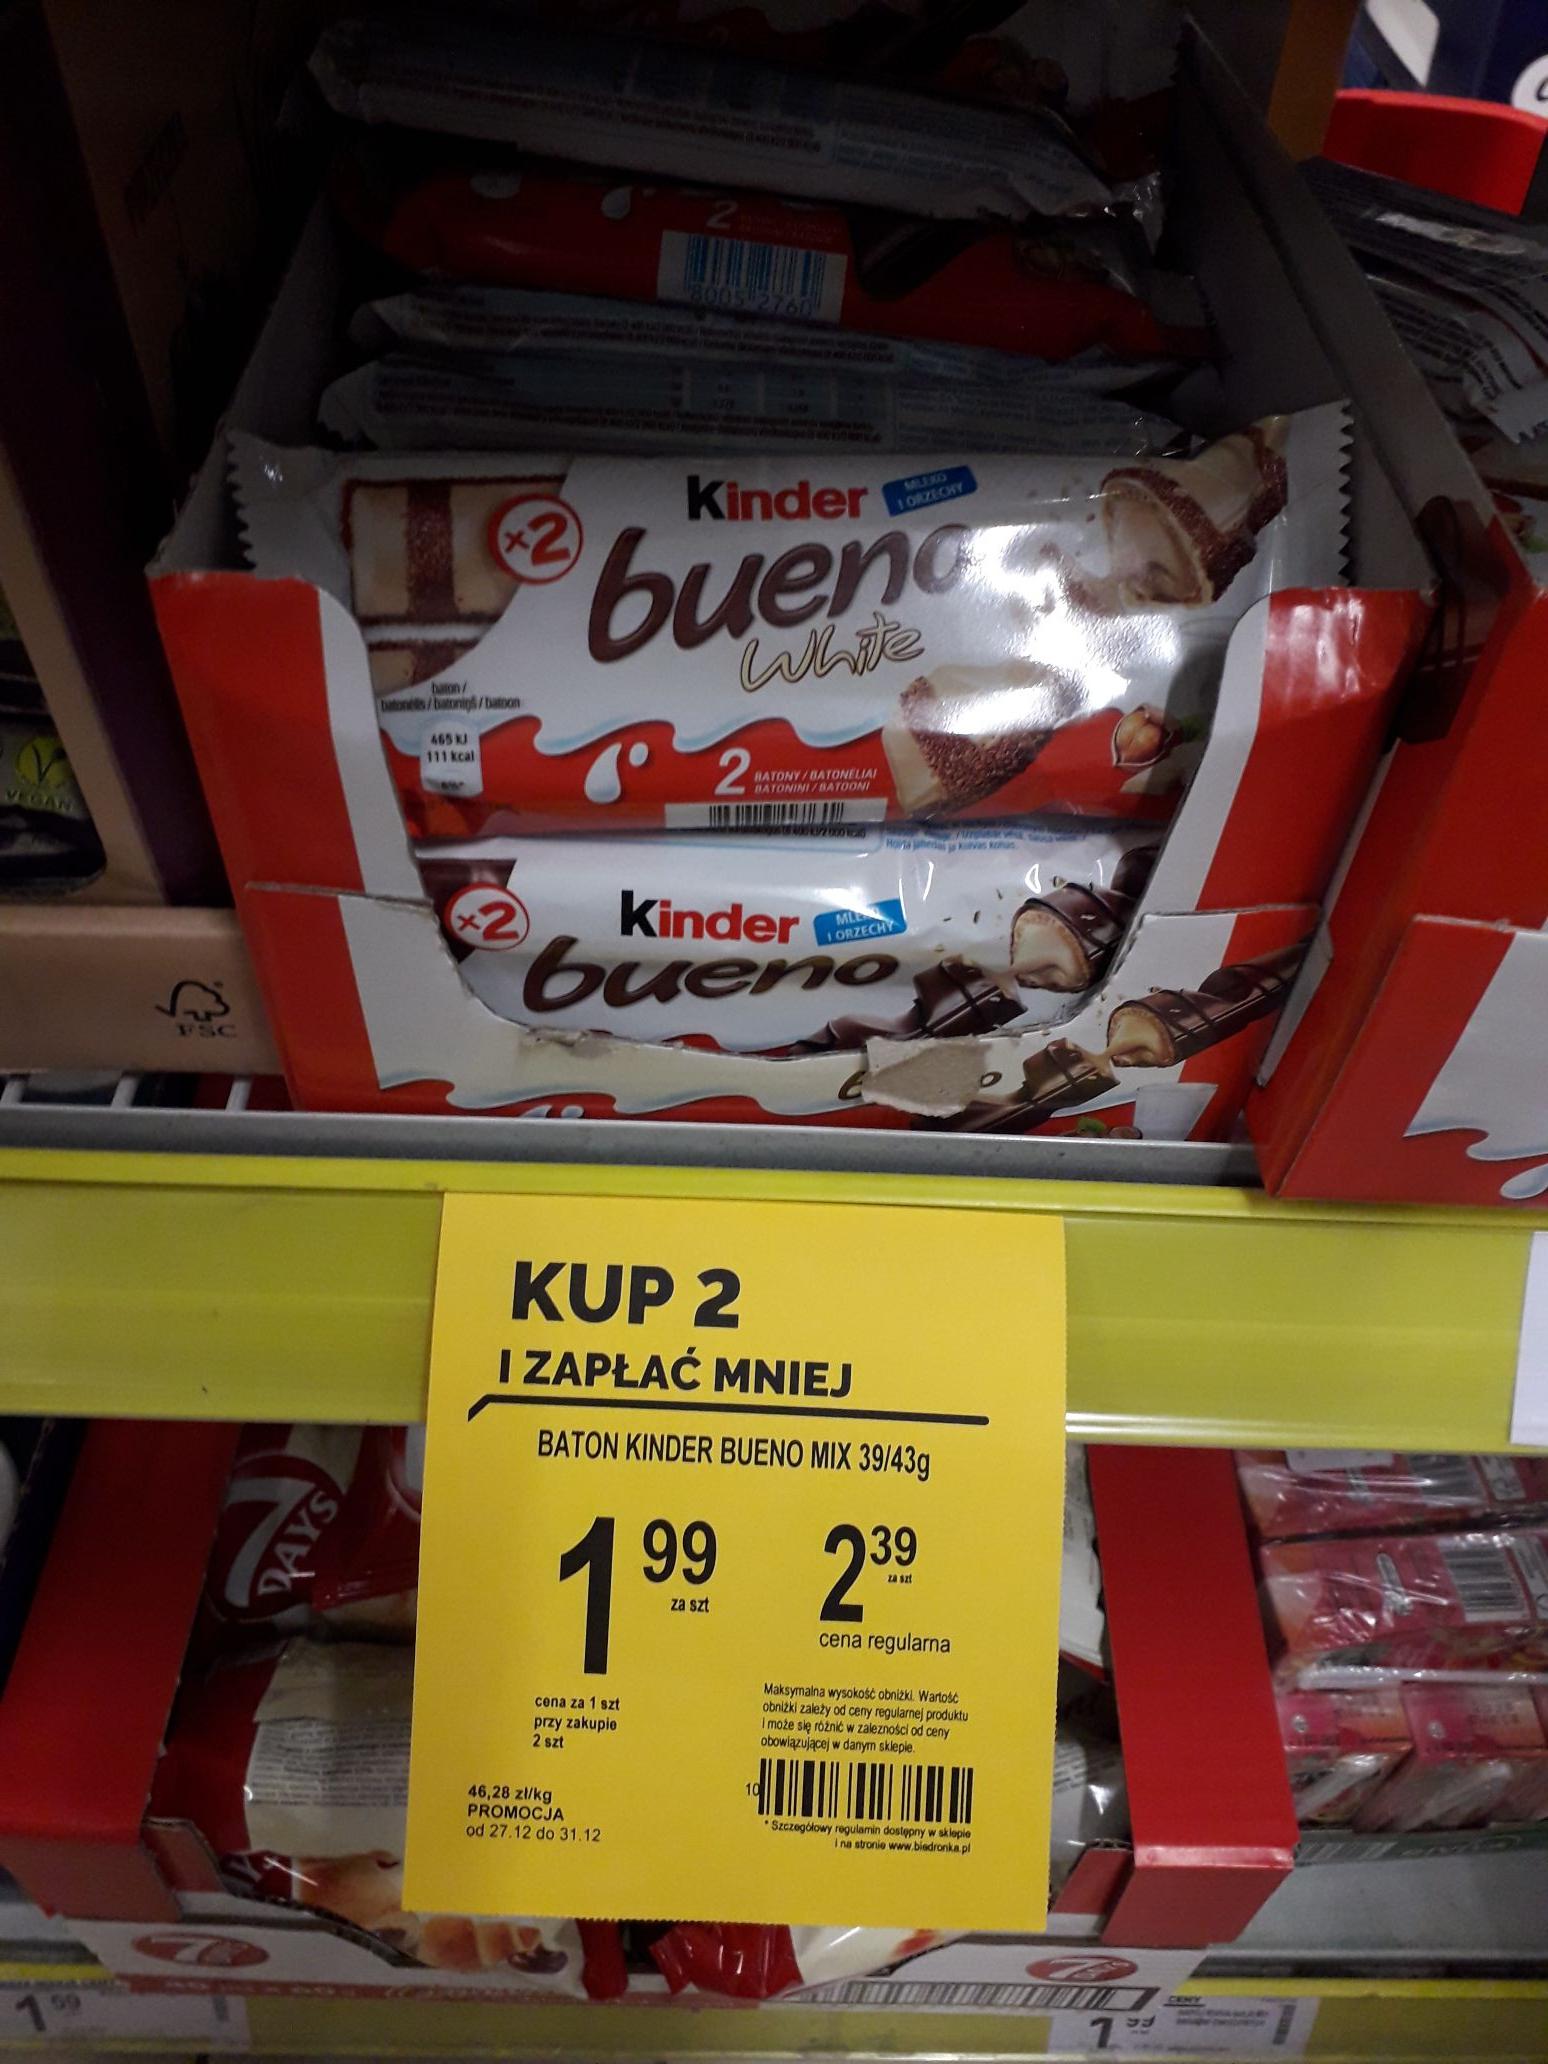 Kinder Bueno taniej przy zakupie 2 Biedronka